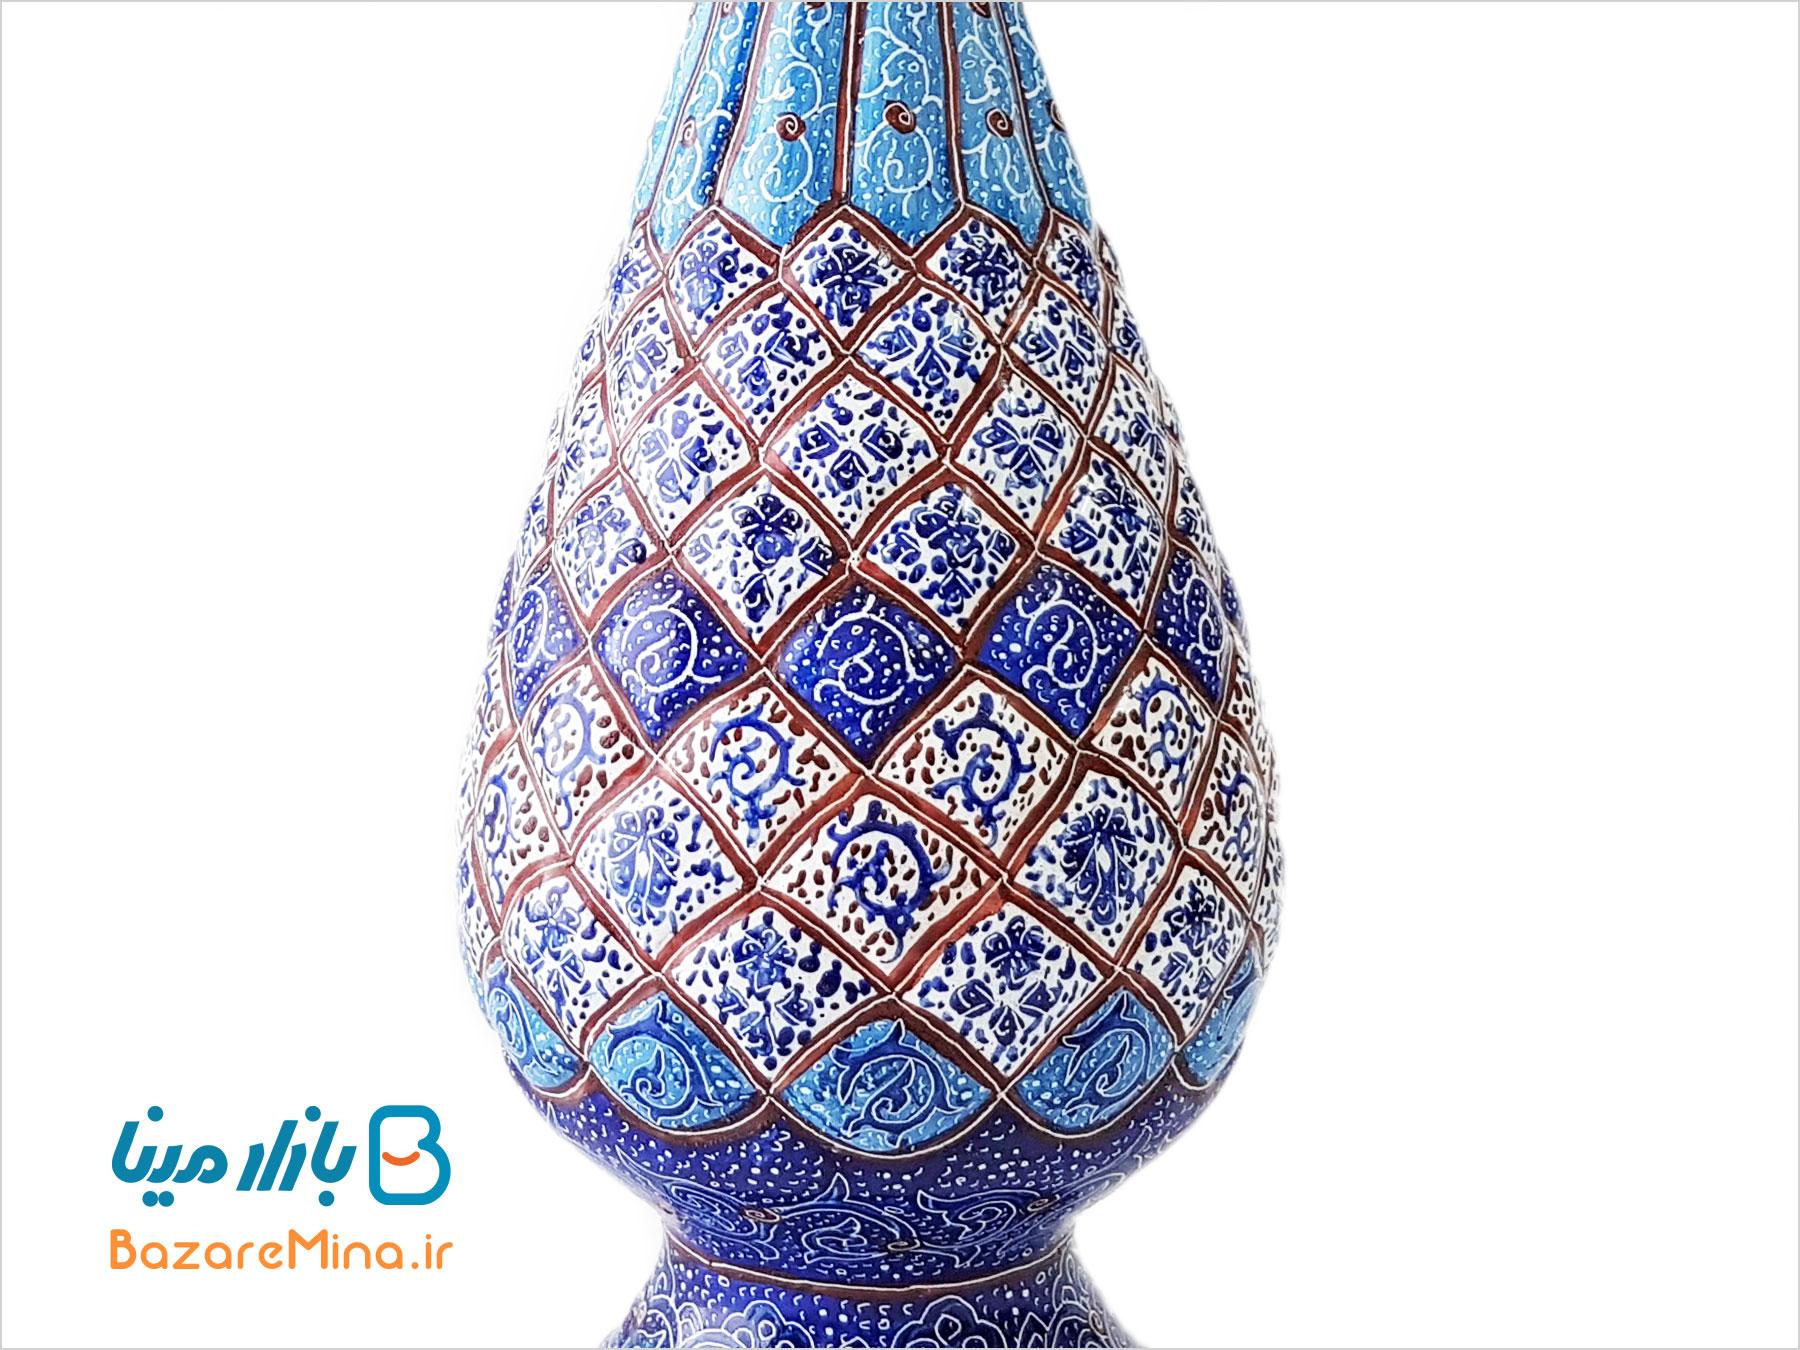 گلدان مسی مینا کاری شده صراحی